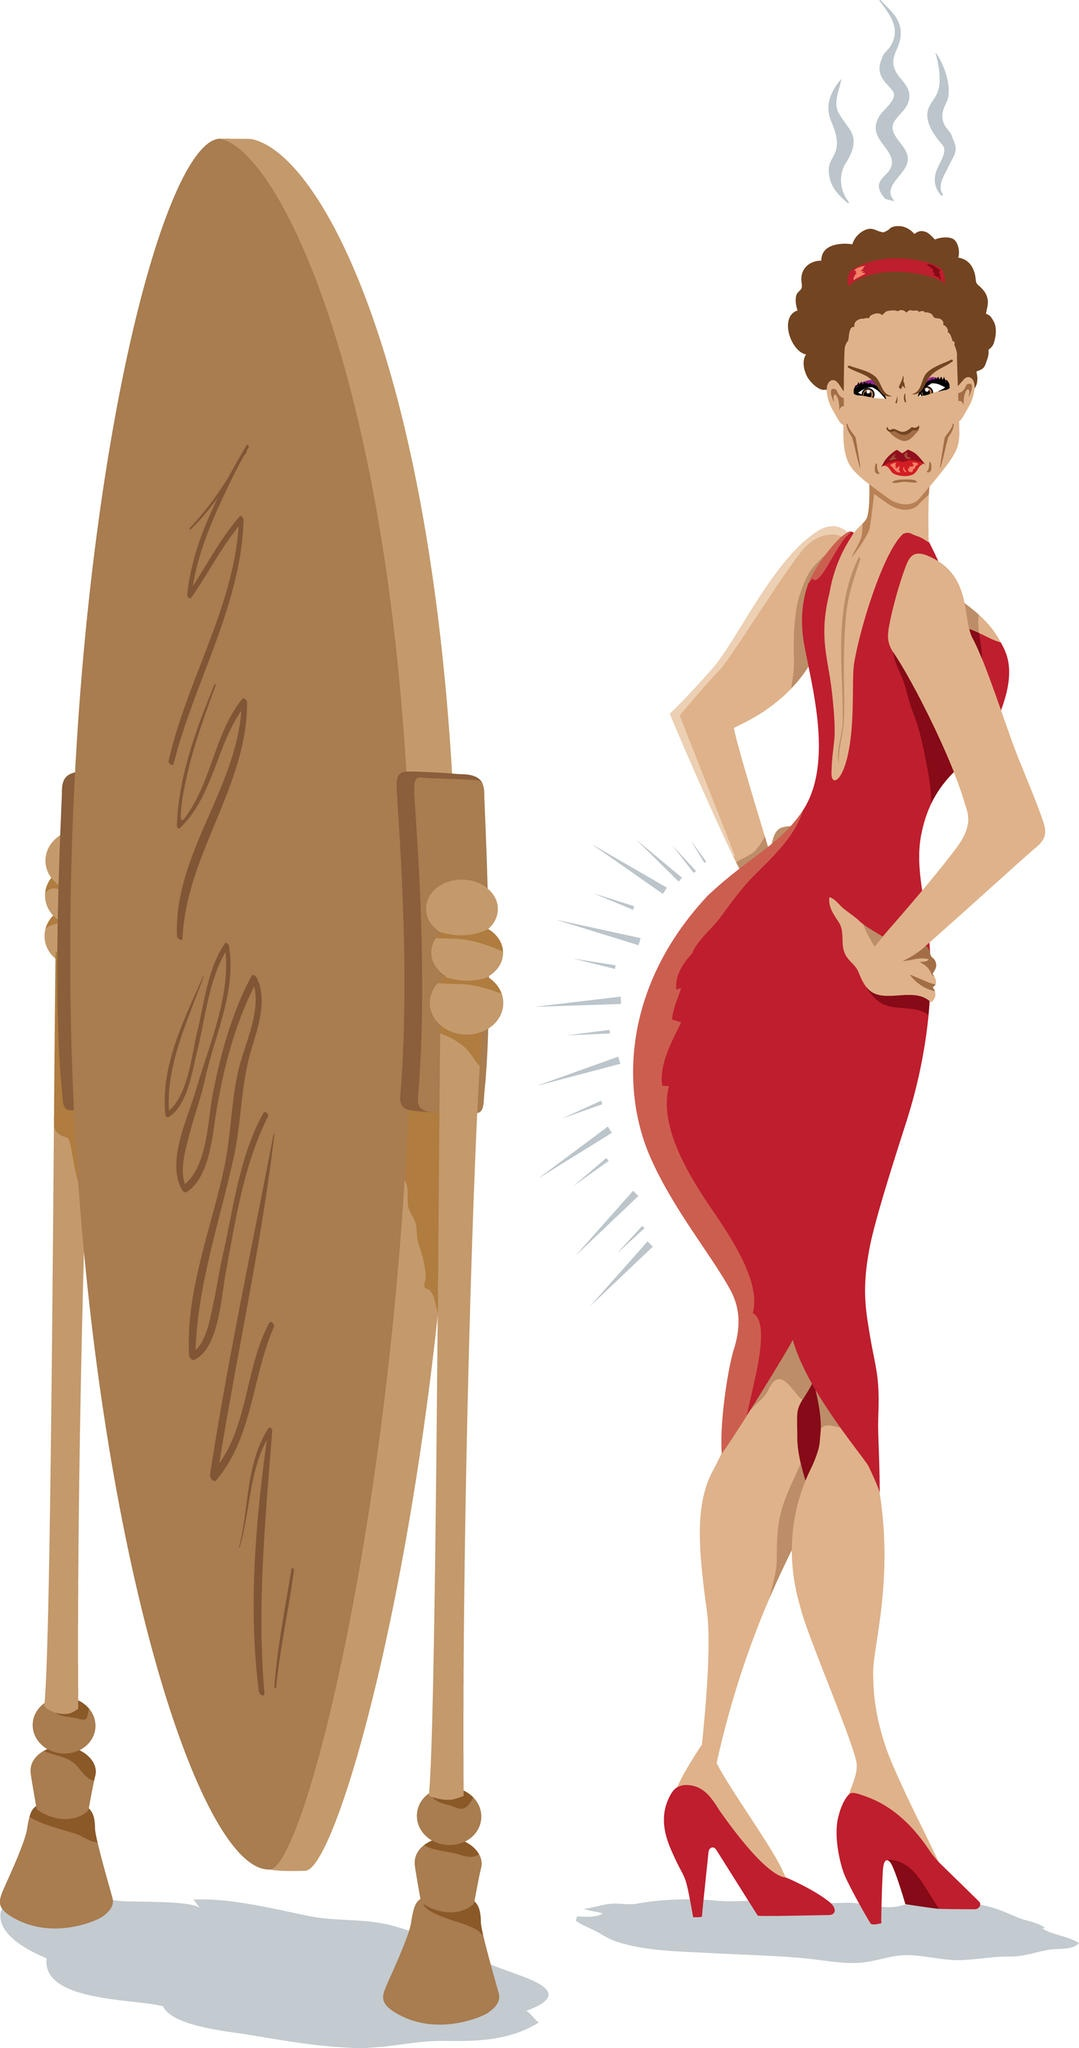 naisen rasvaprosentti Imatra